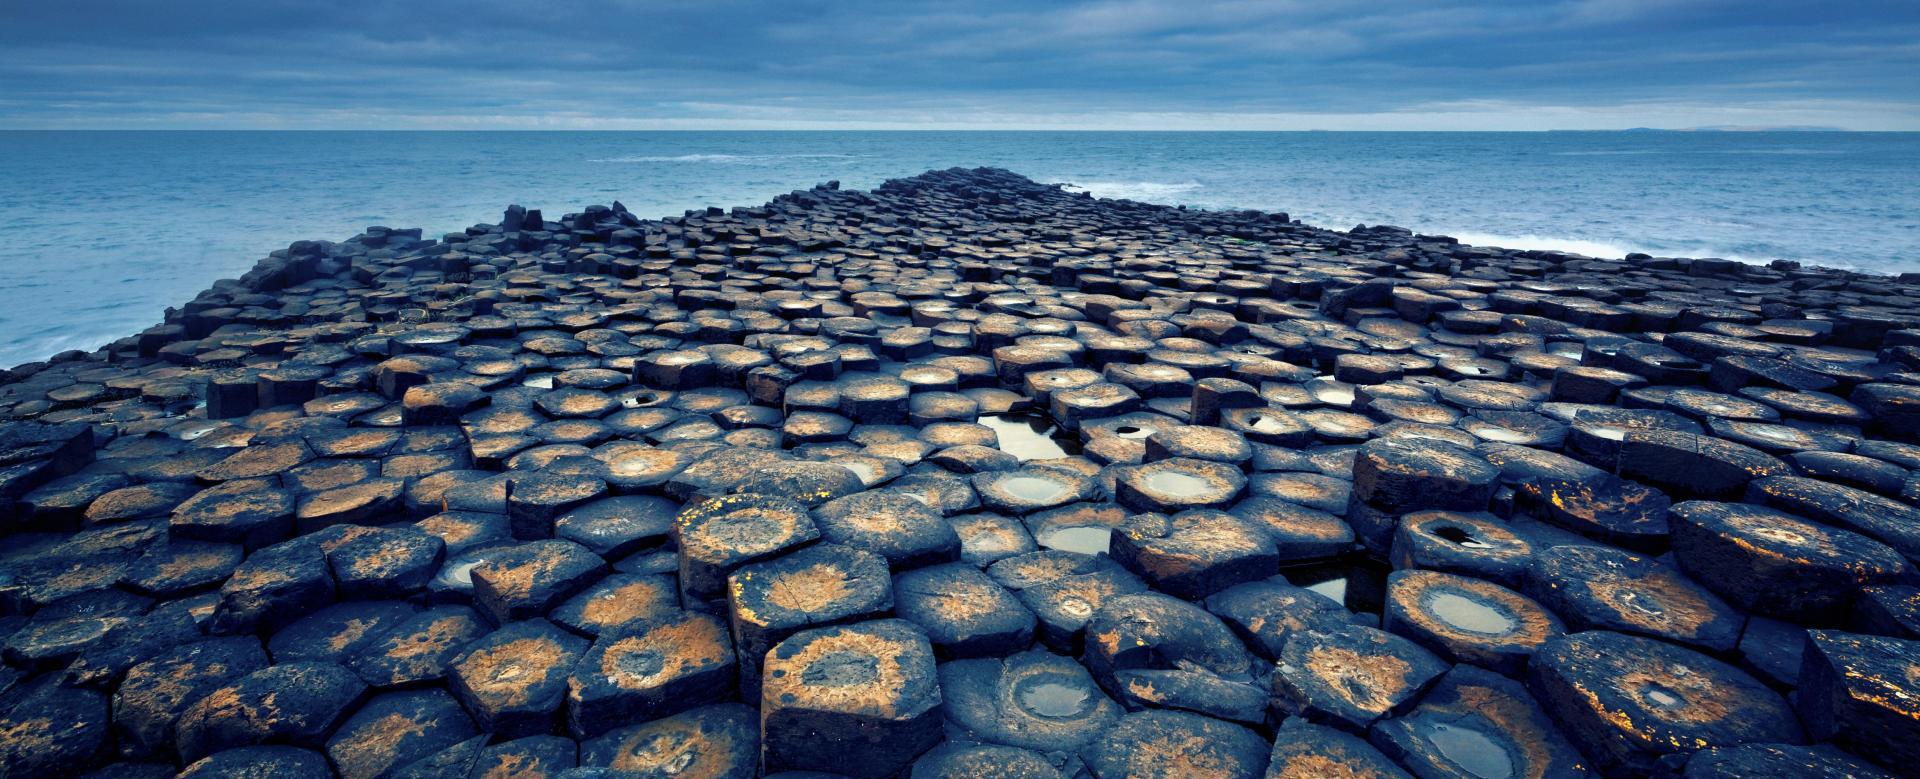 Voyage à pied Irlande : Ulster et donegal, terre des géants